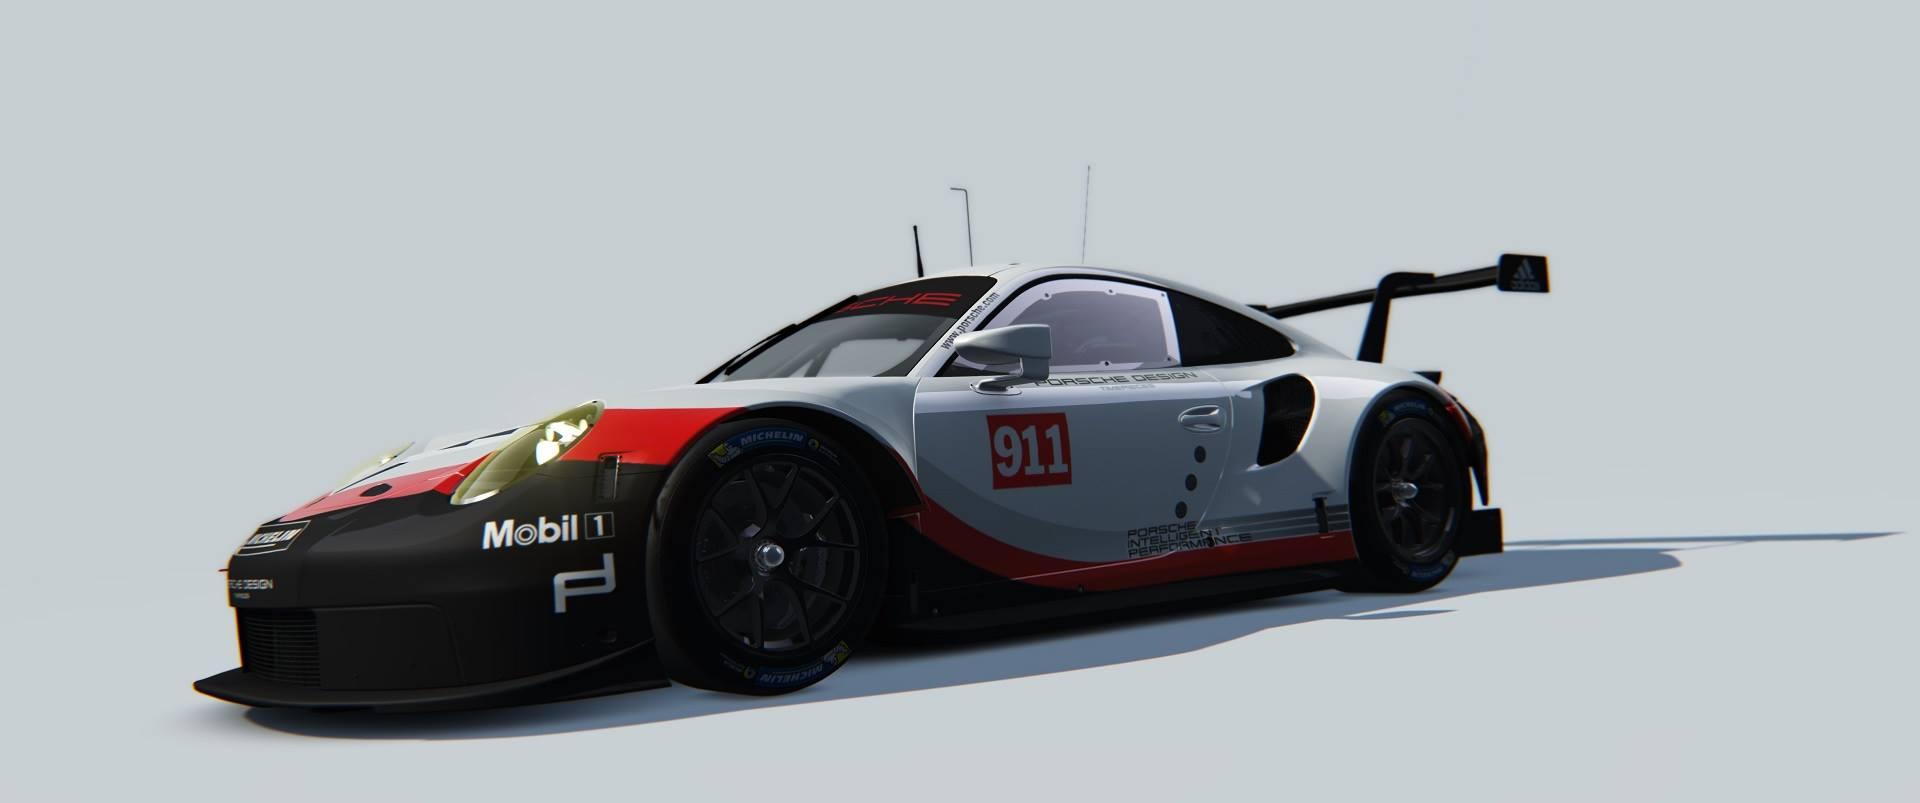 Assetto Corsa Porsche RSR.jpg